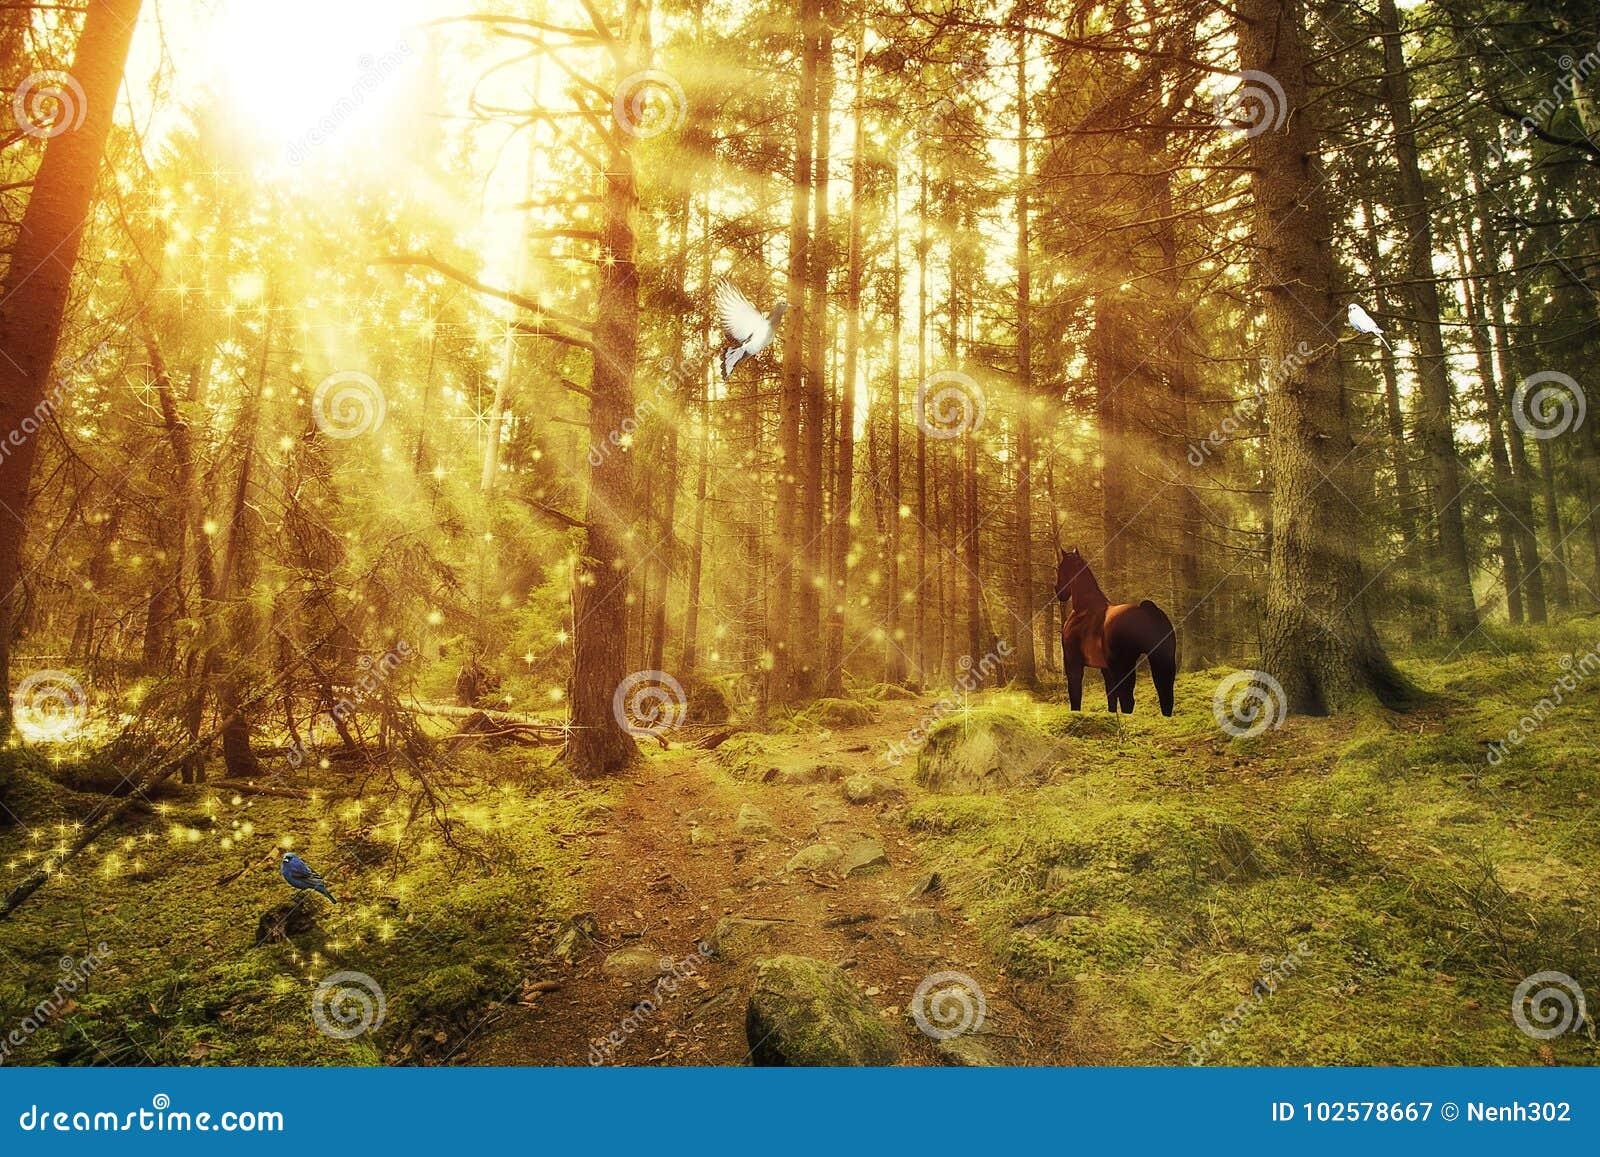 Zaczarowany las z koniem i ptakami